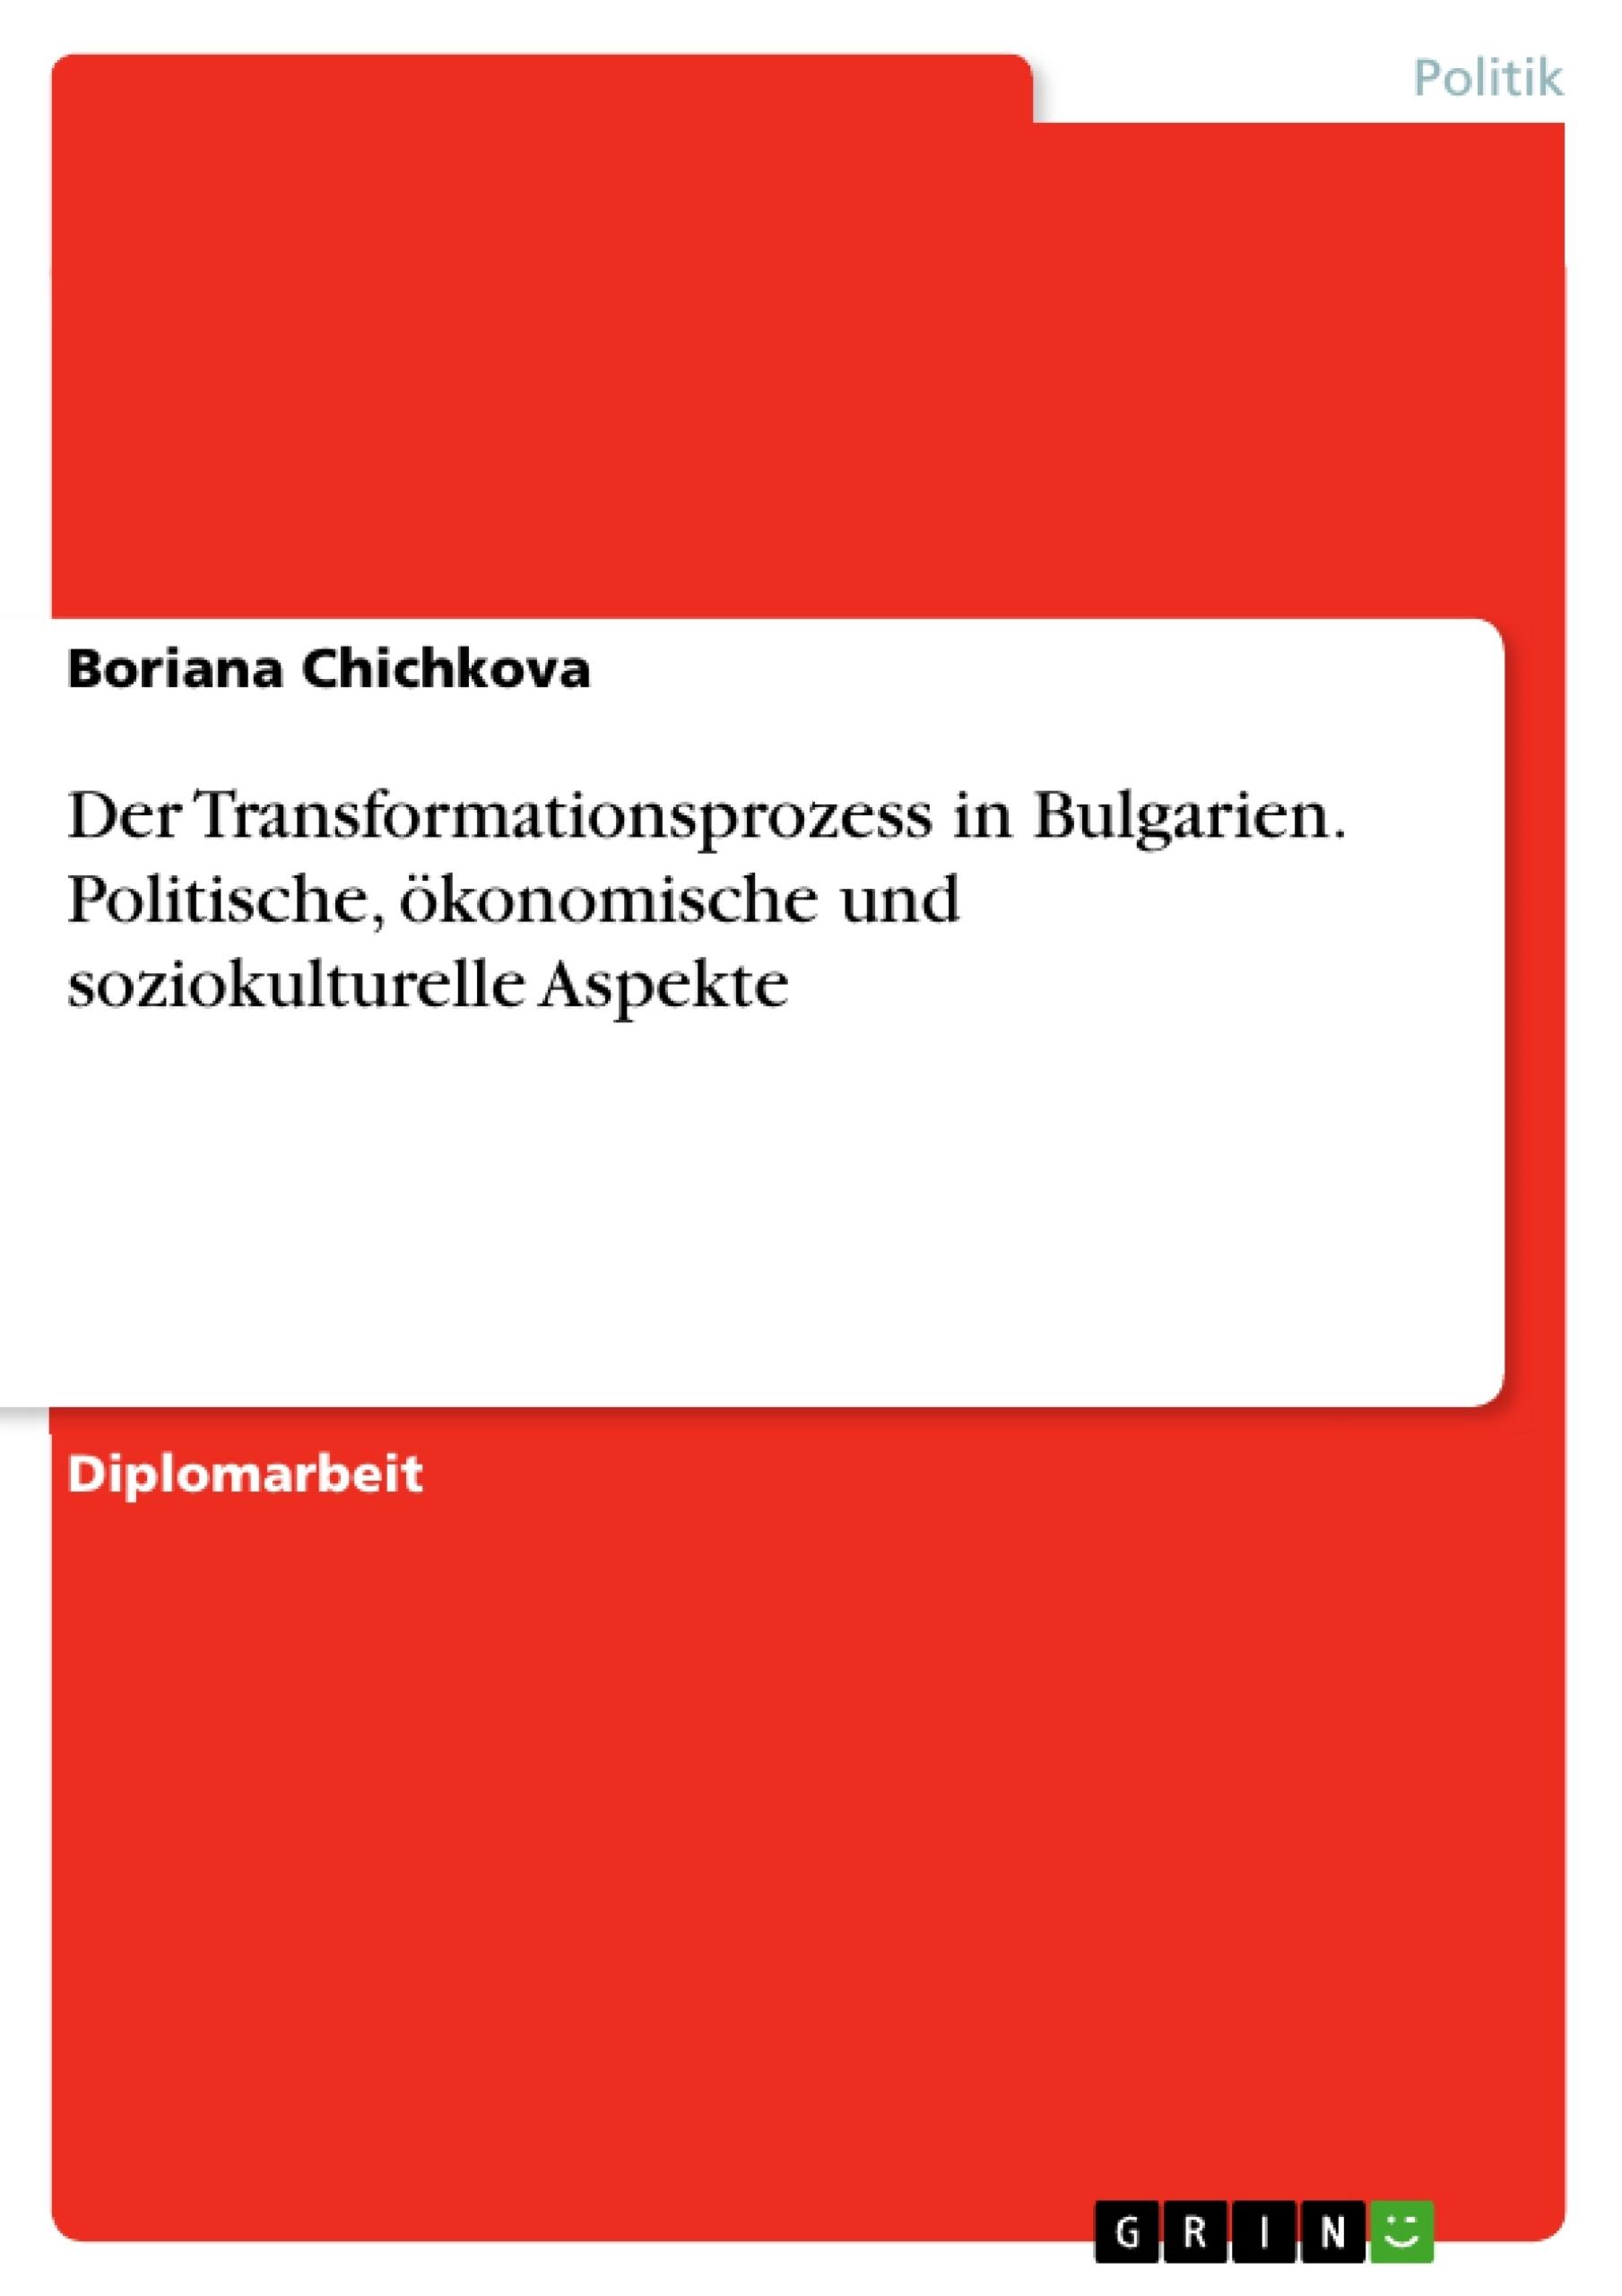 Titel: Der Transformationsprozess in Bulgarien. Politische, ökonomische und soziokulturelle Aspekte